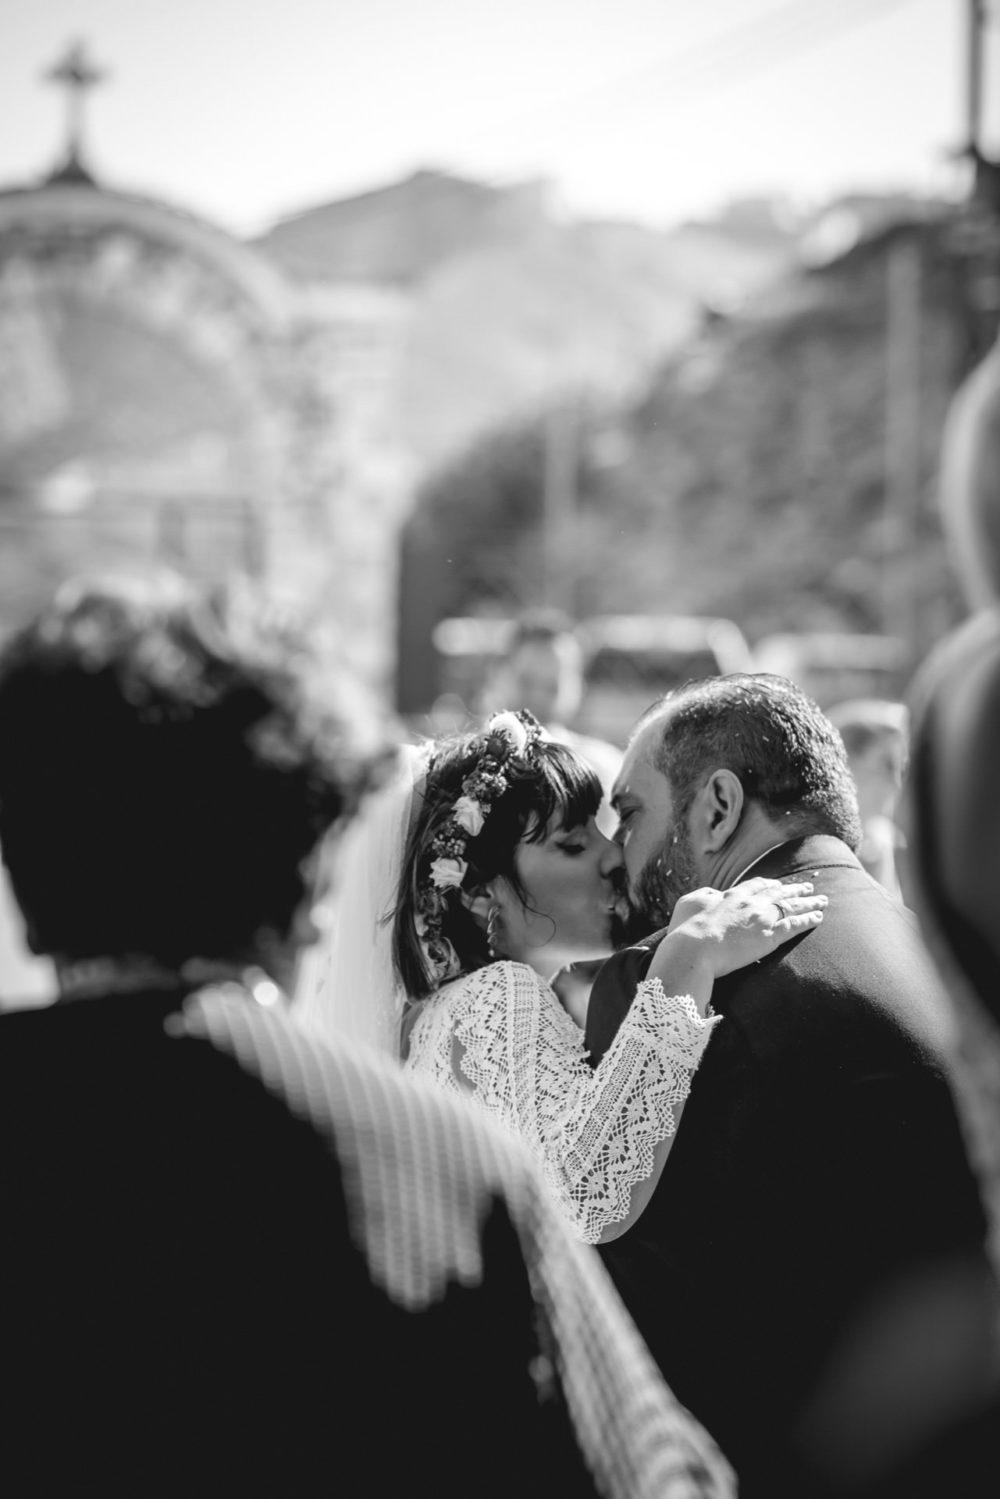 Fotografisi Gamou Wedding Gamos Fotografos Alekos & Mania108